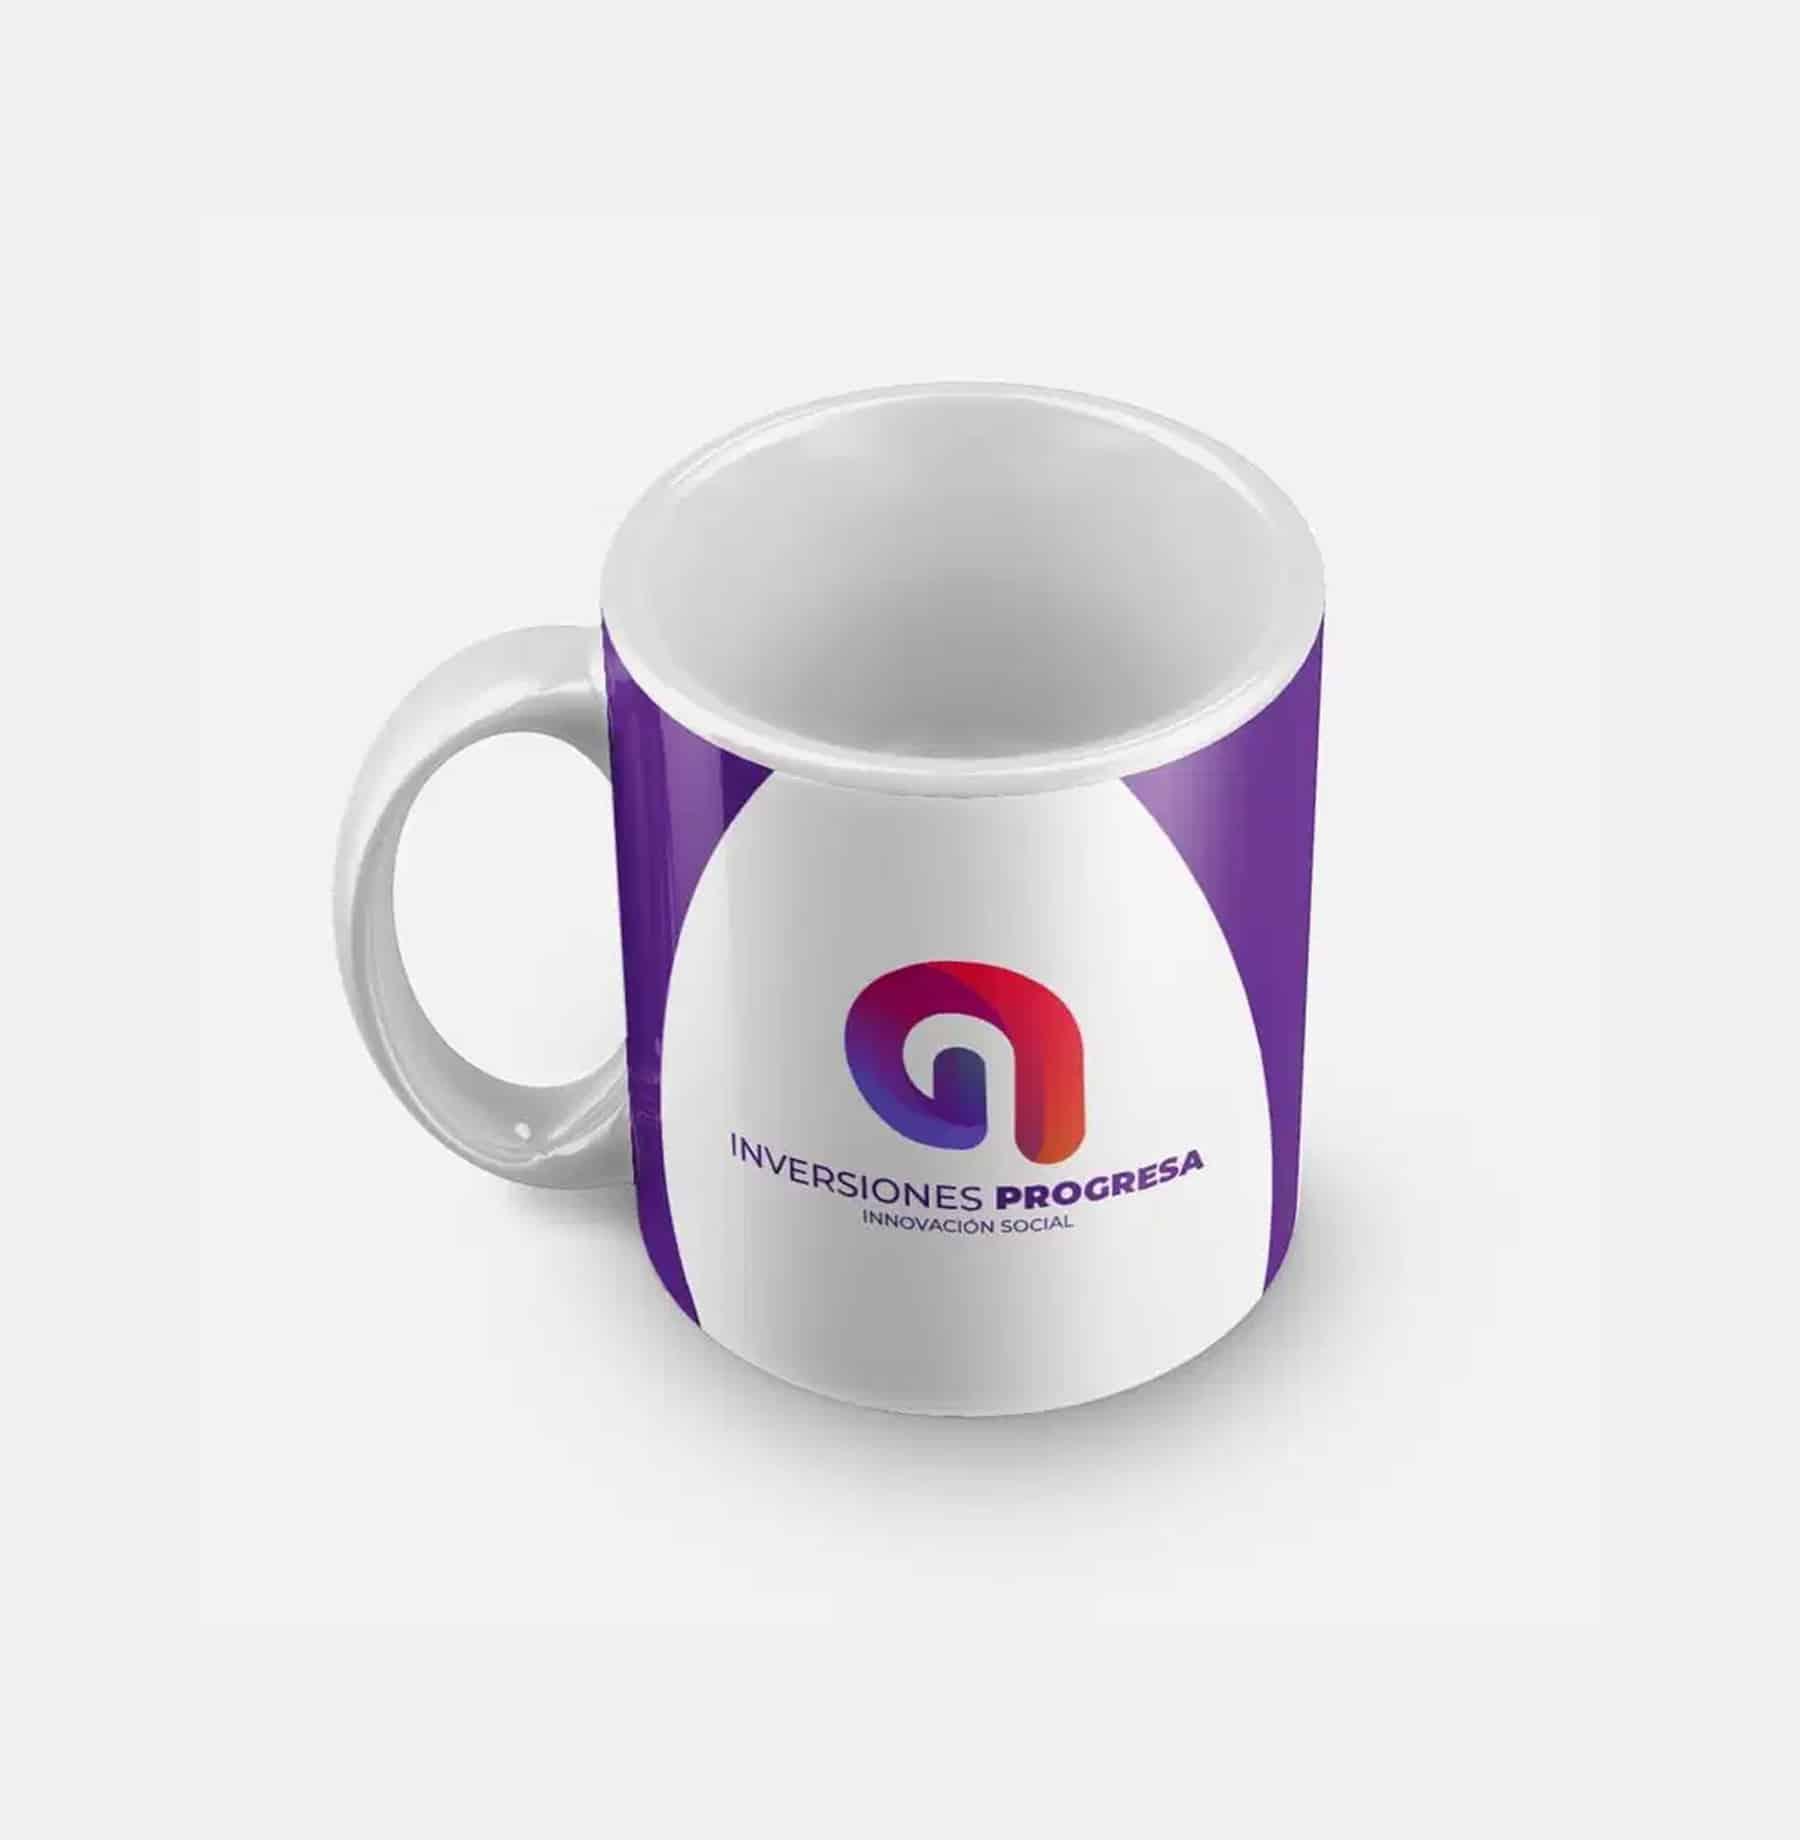 Material pop mugs